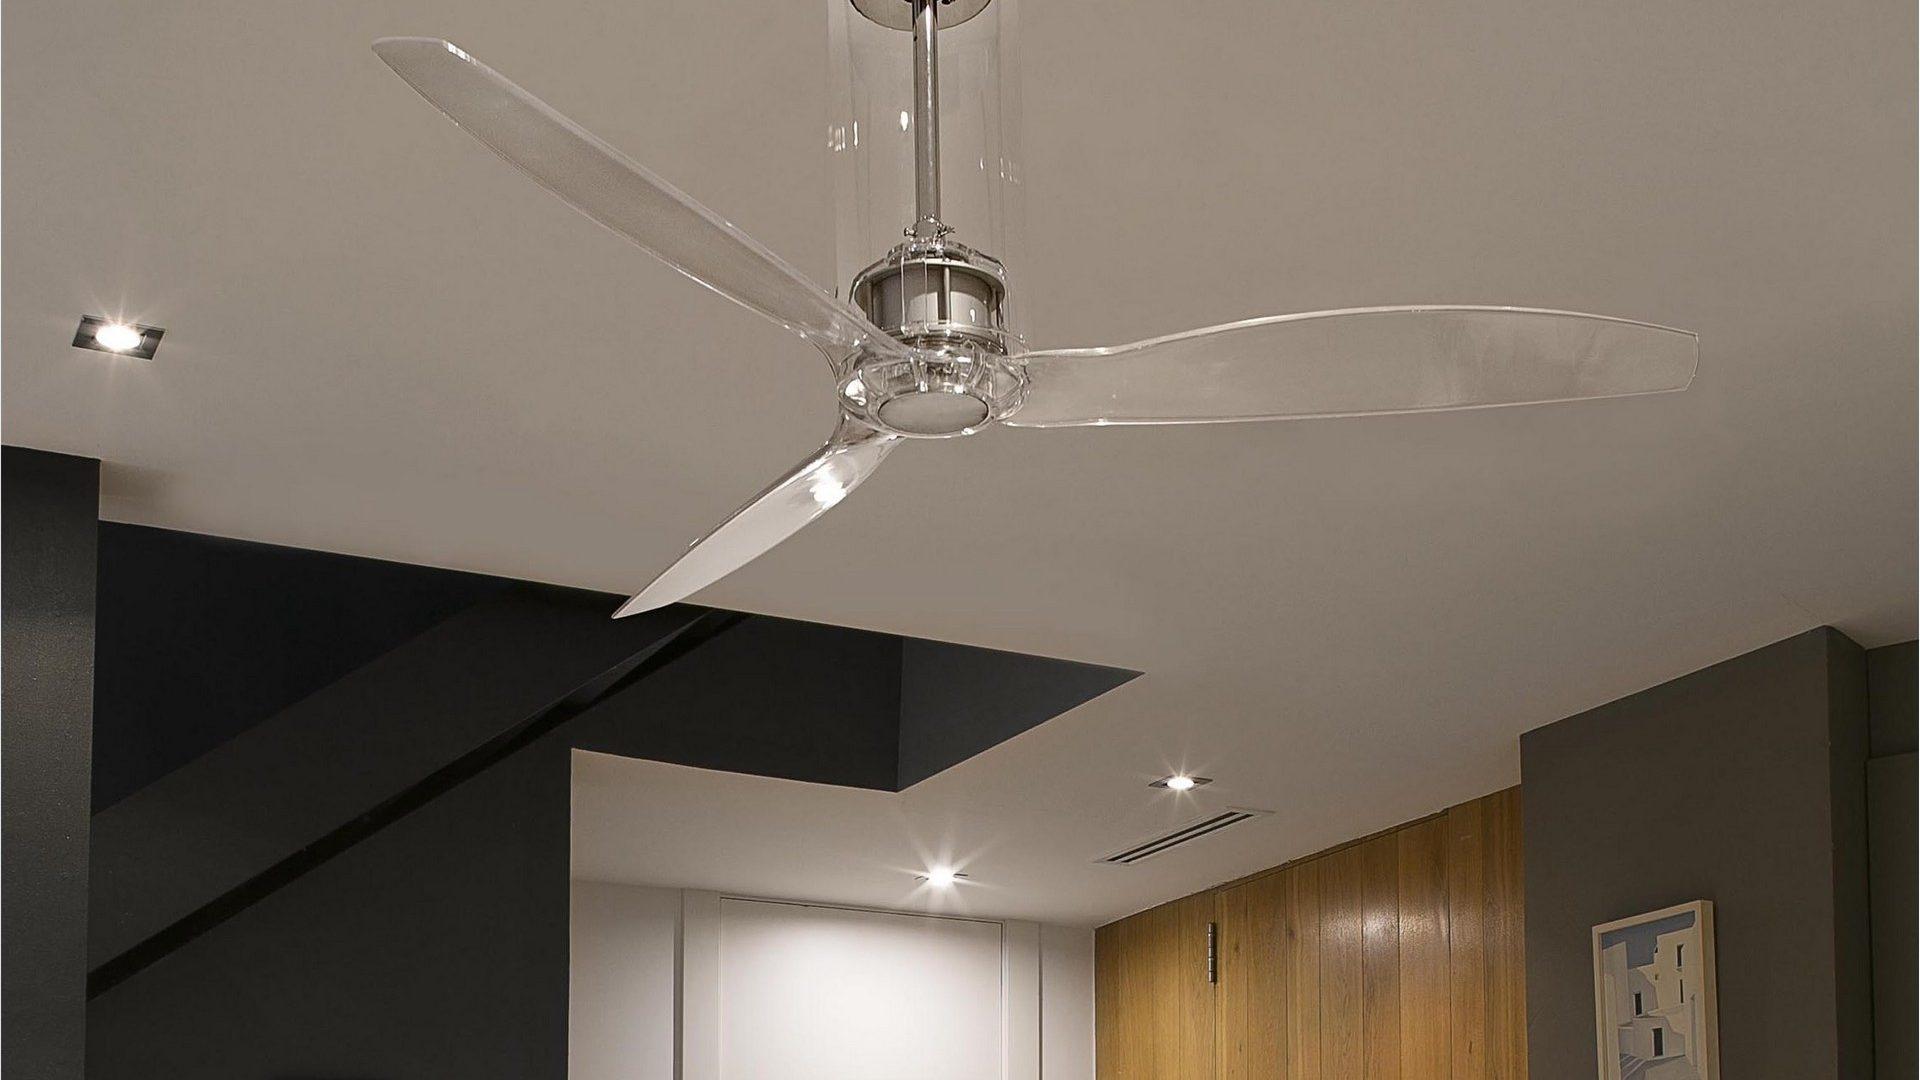 Ventilatori da soffitto un alternativa al condizionatore da non